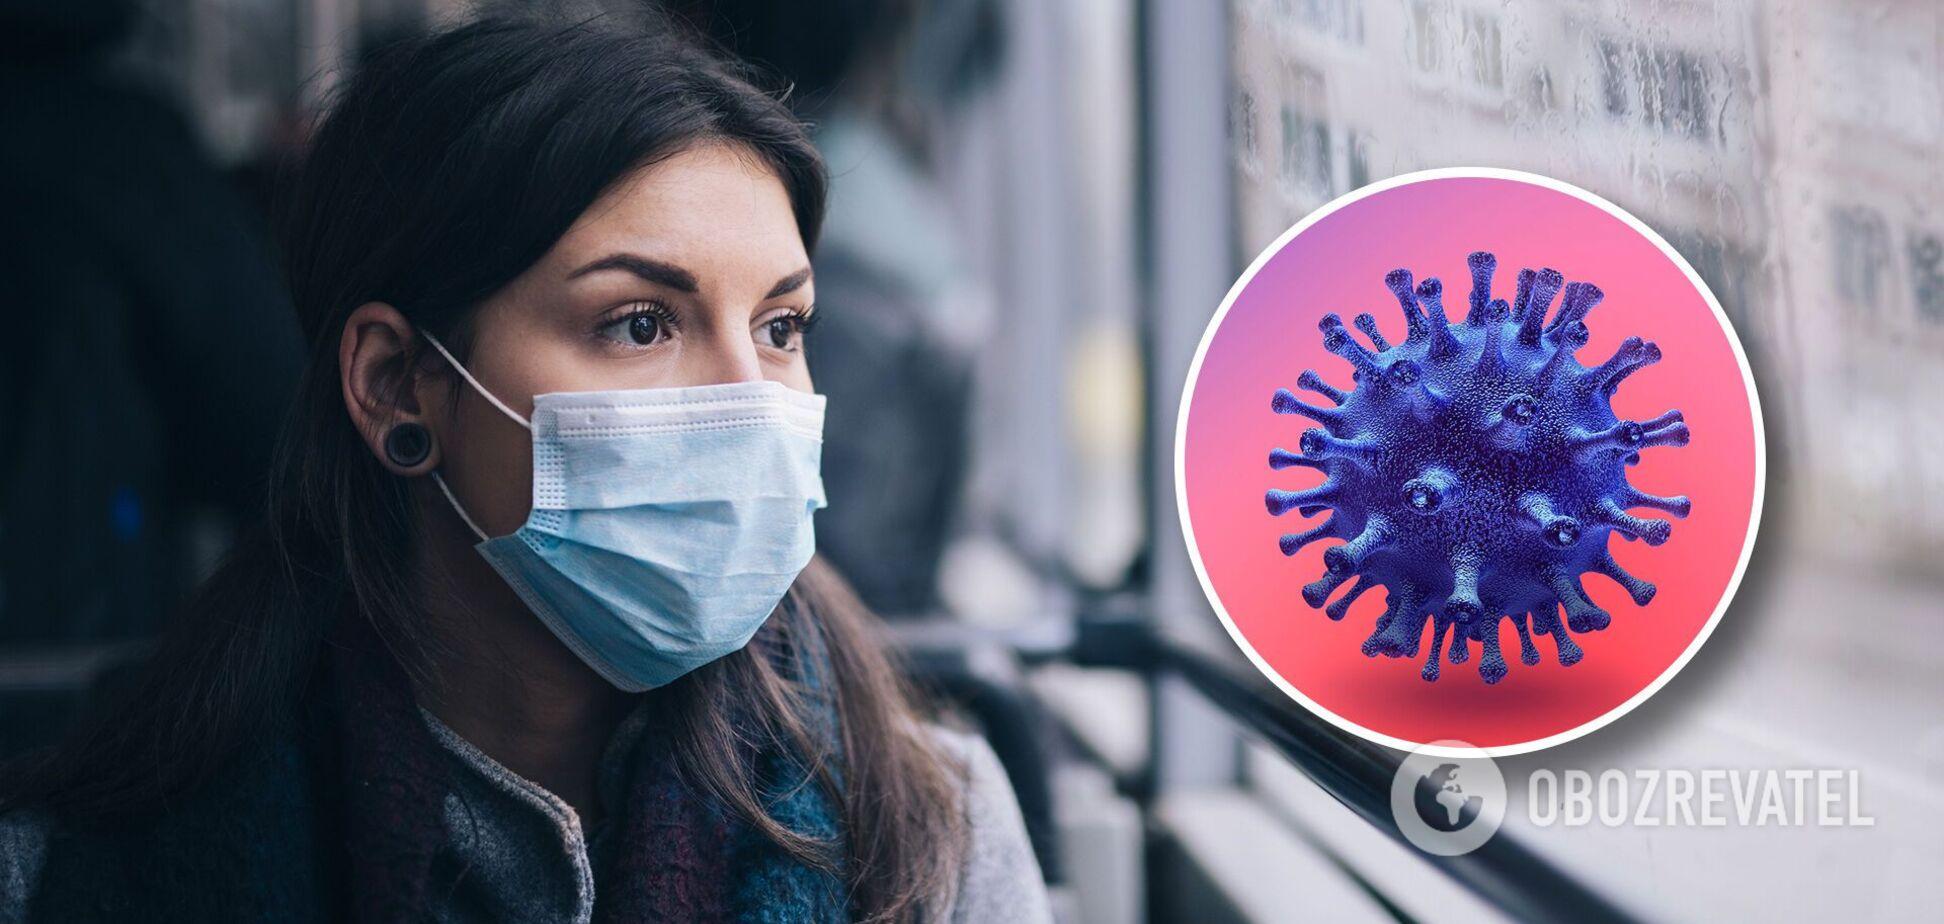 Хто може захворіти на коронавірус: лікар назвав групу ризику